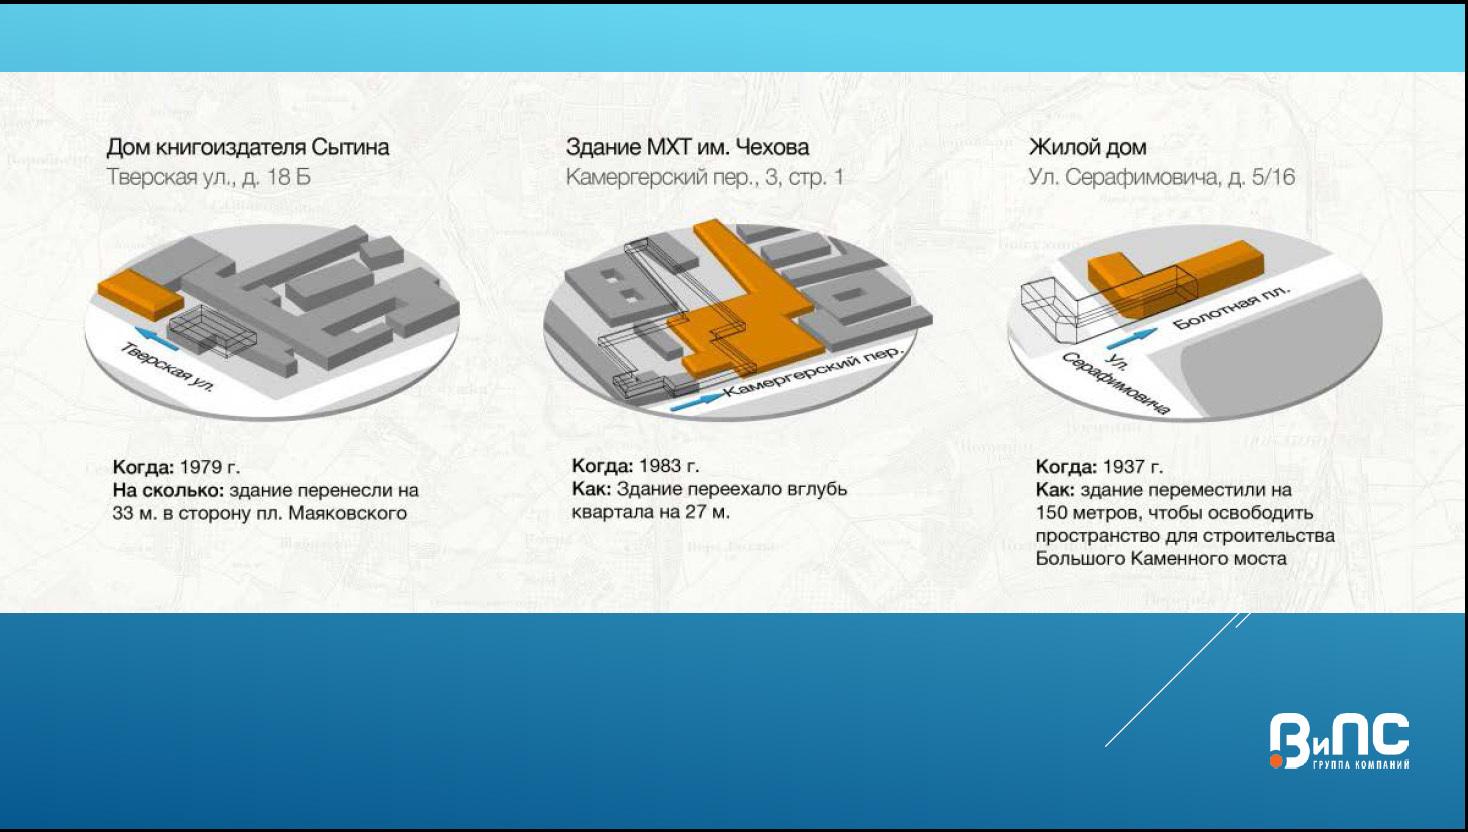 Почем передвинуть недвижимость (Иллюстрация 3 из 6) (Фото: Проект/Группа компаний ВиПС)